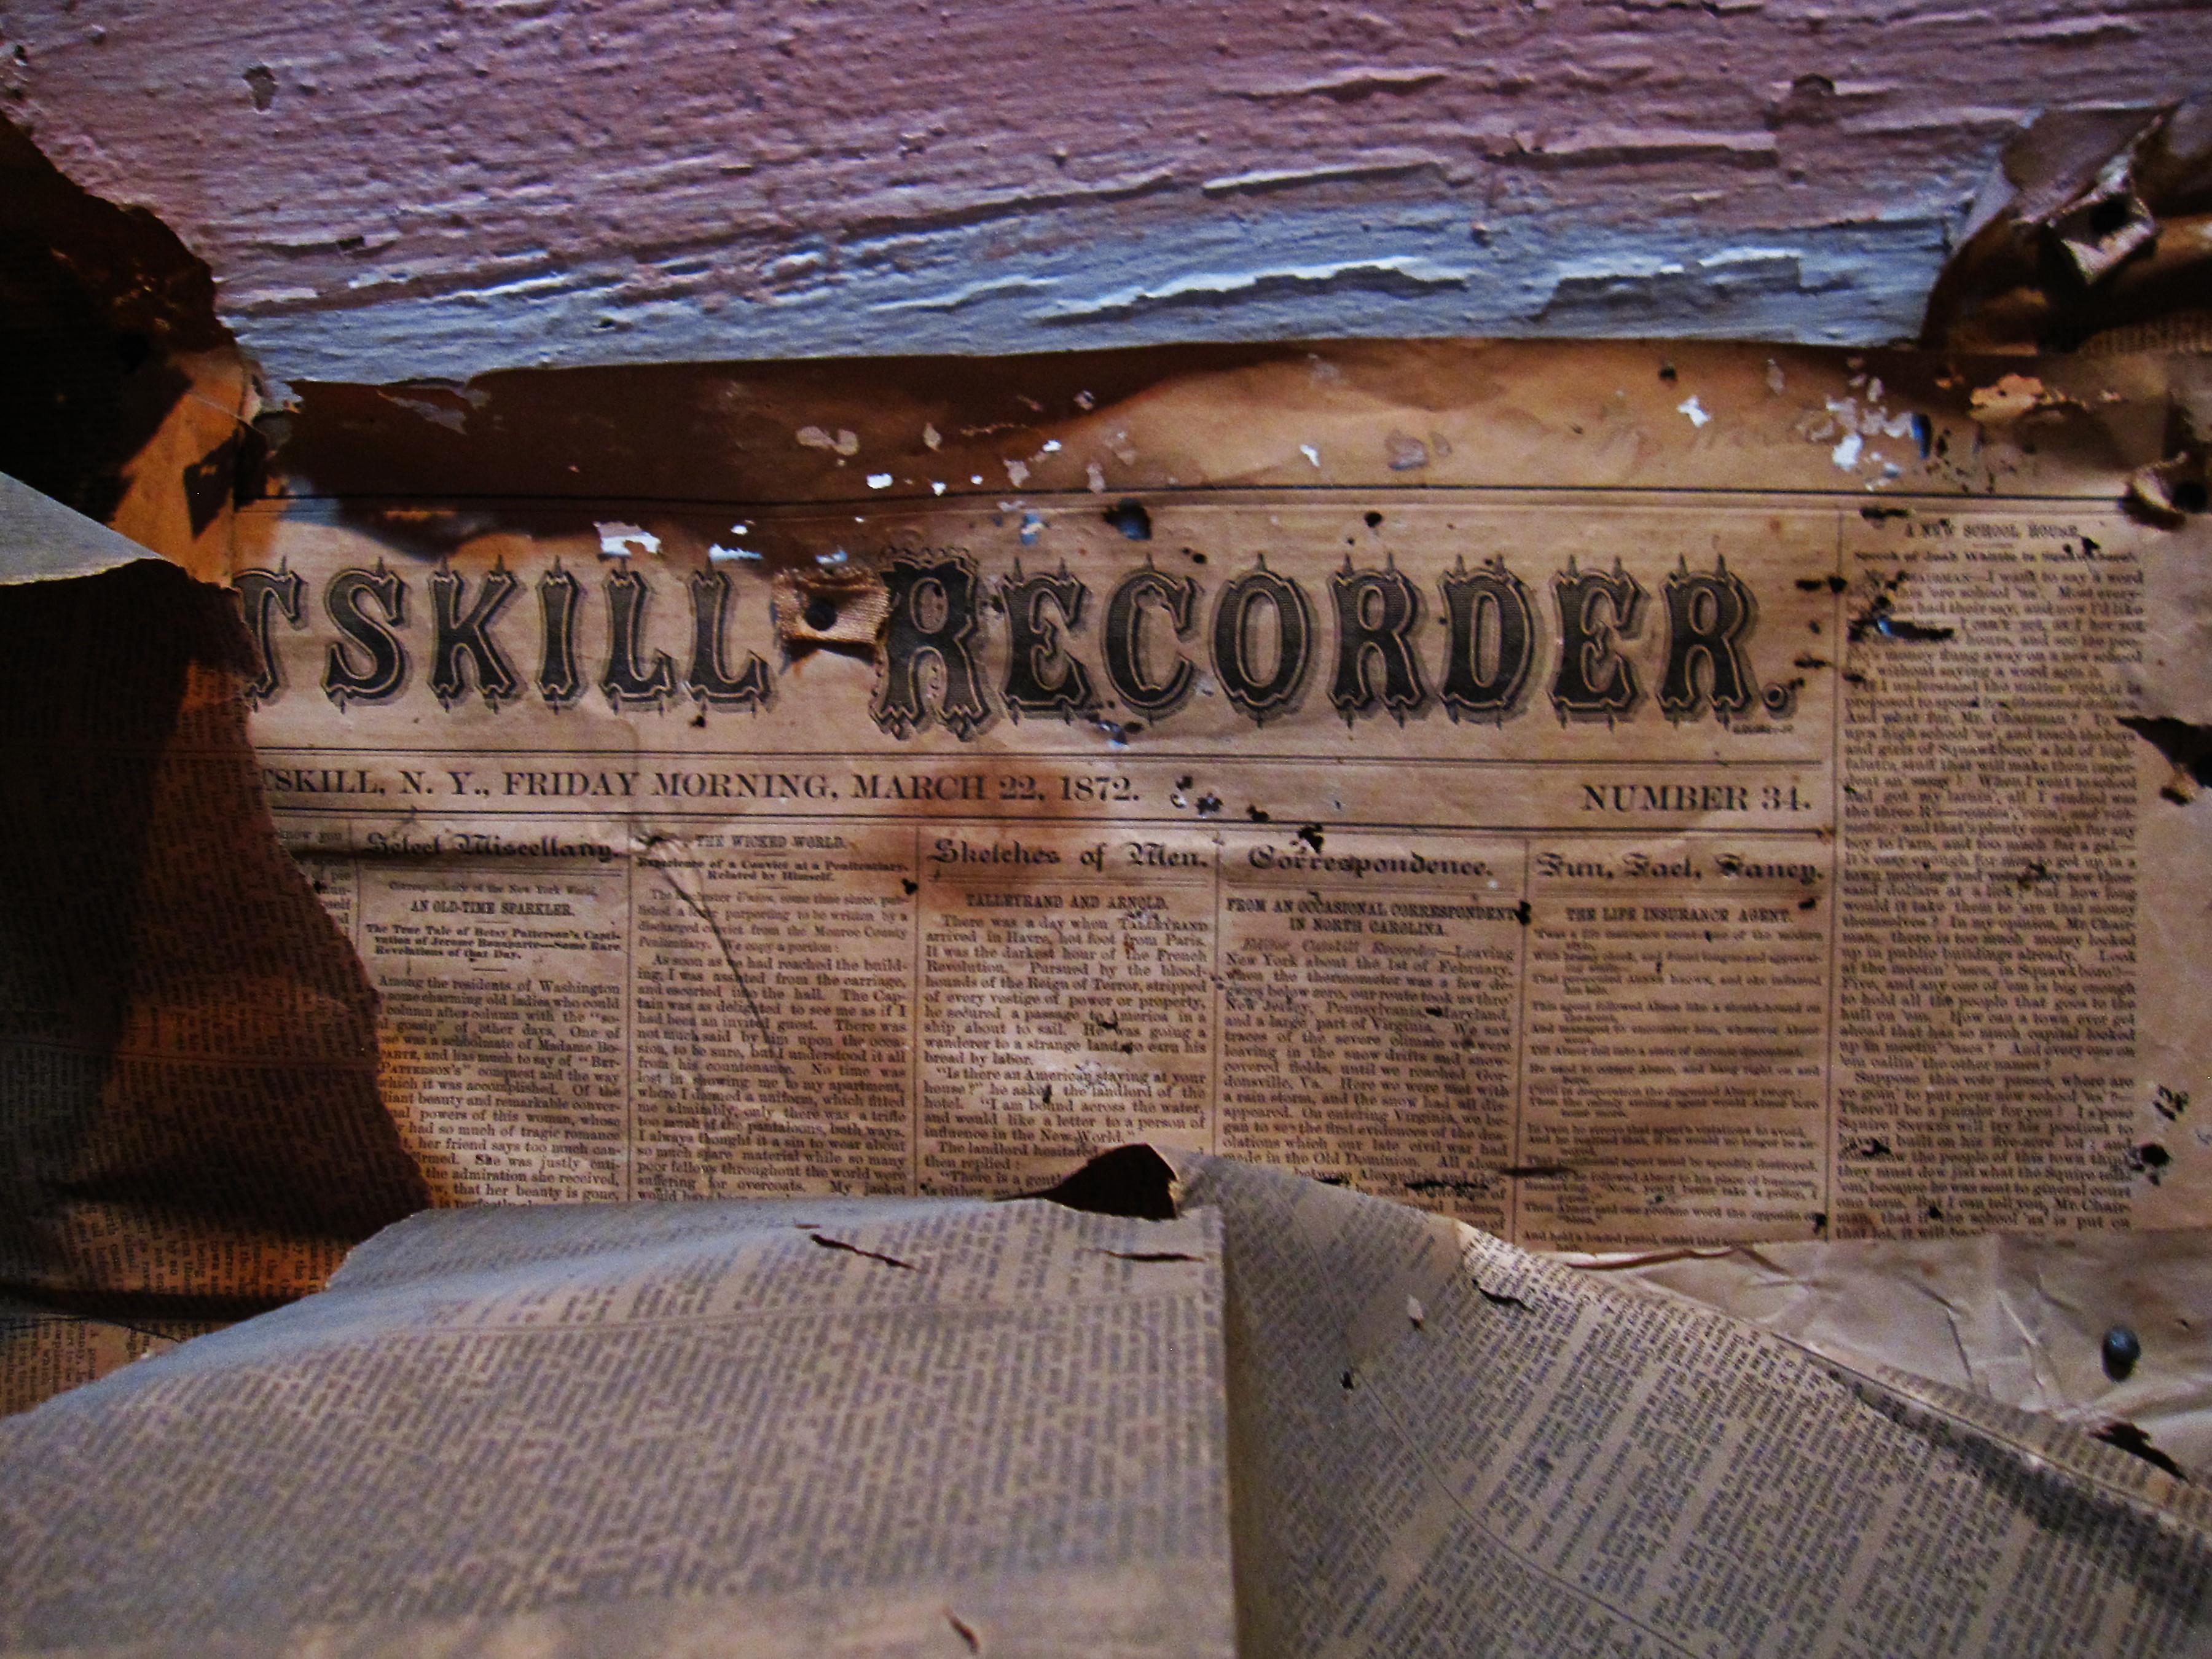 Catskill Recorder